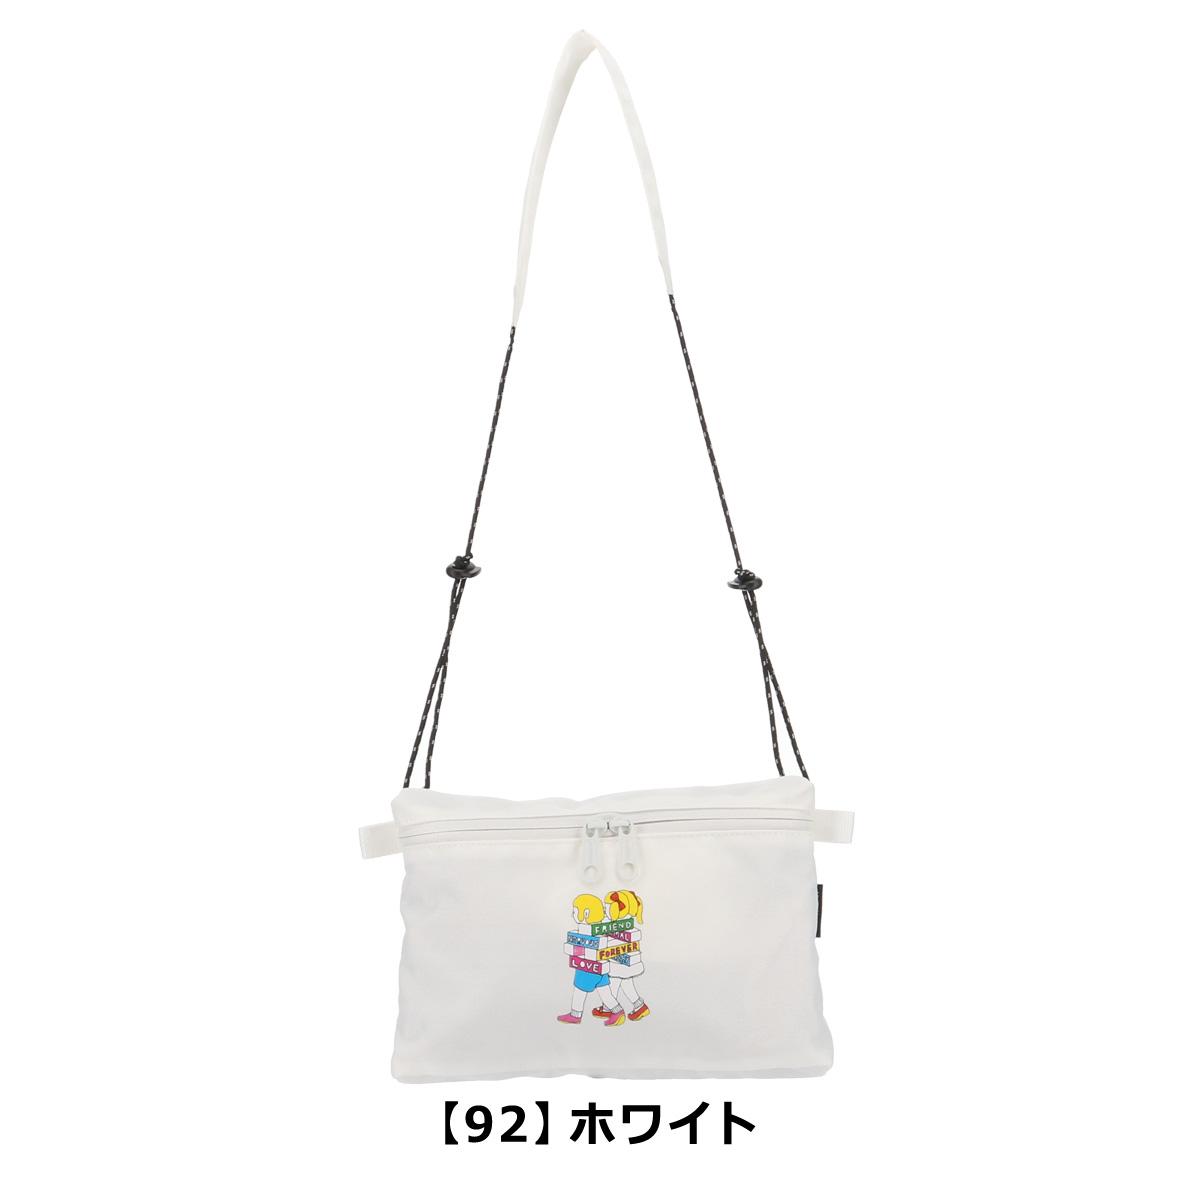 【92】ホワイト